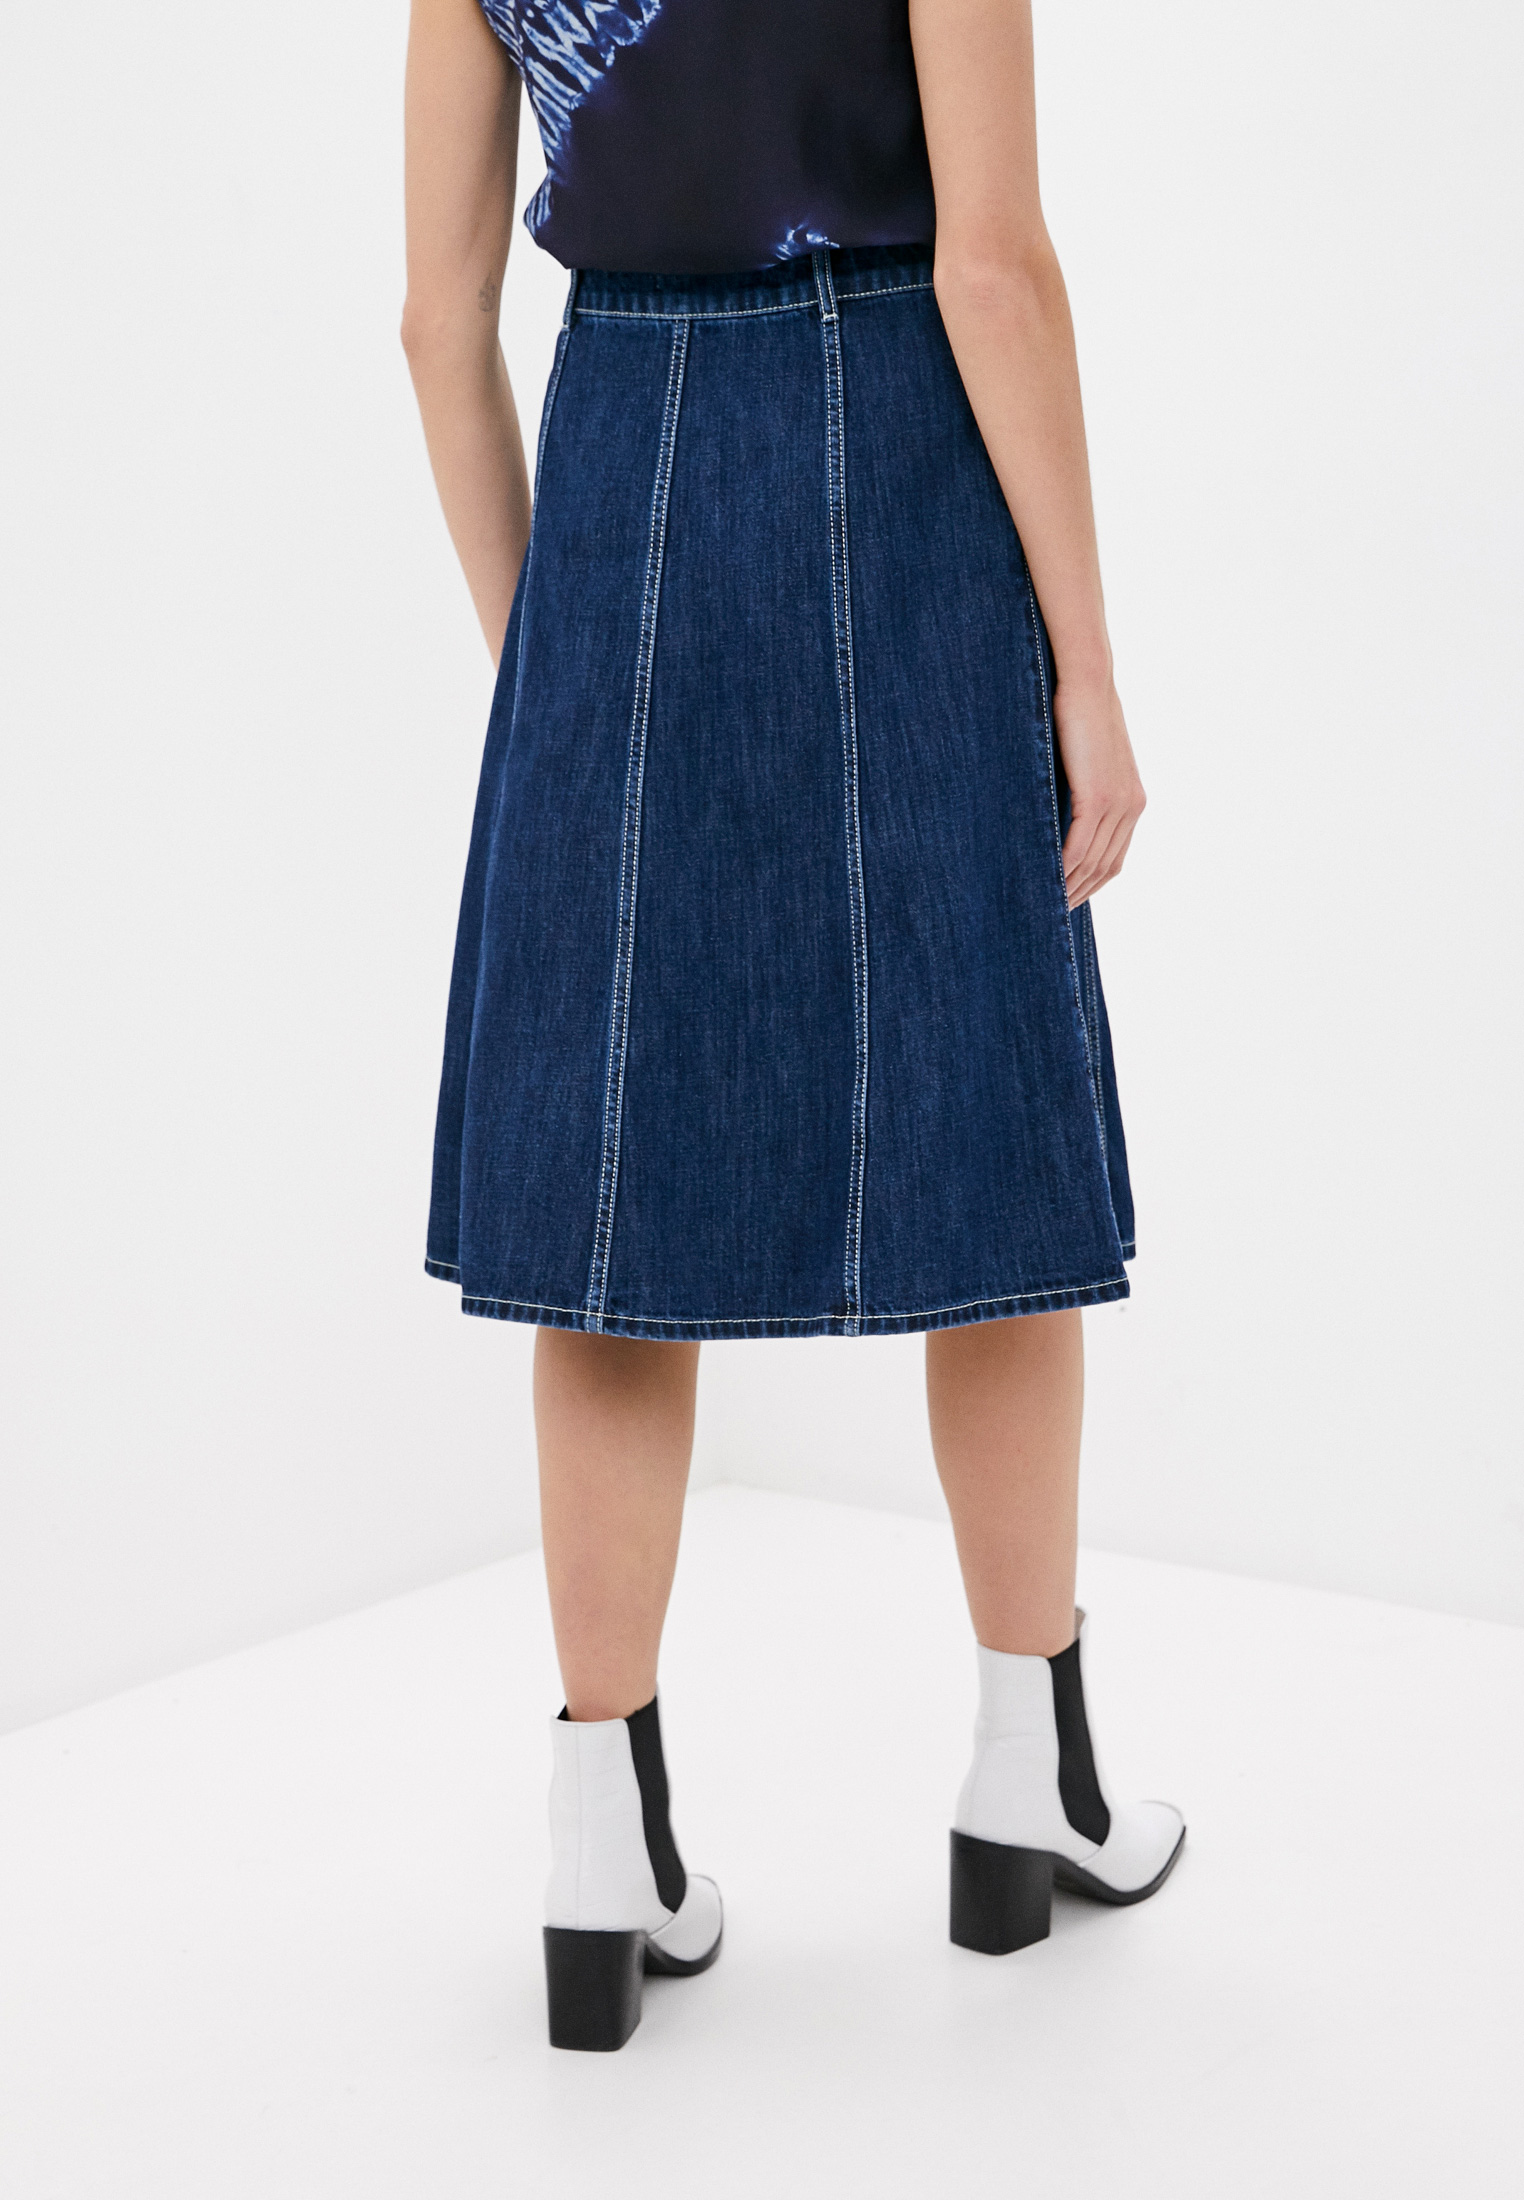 Джинсовая юбка P.A.R.O.S.H. CEANSID620407: изображение 4